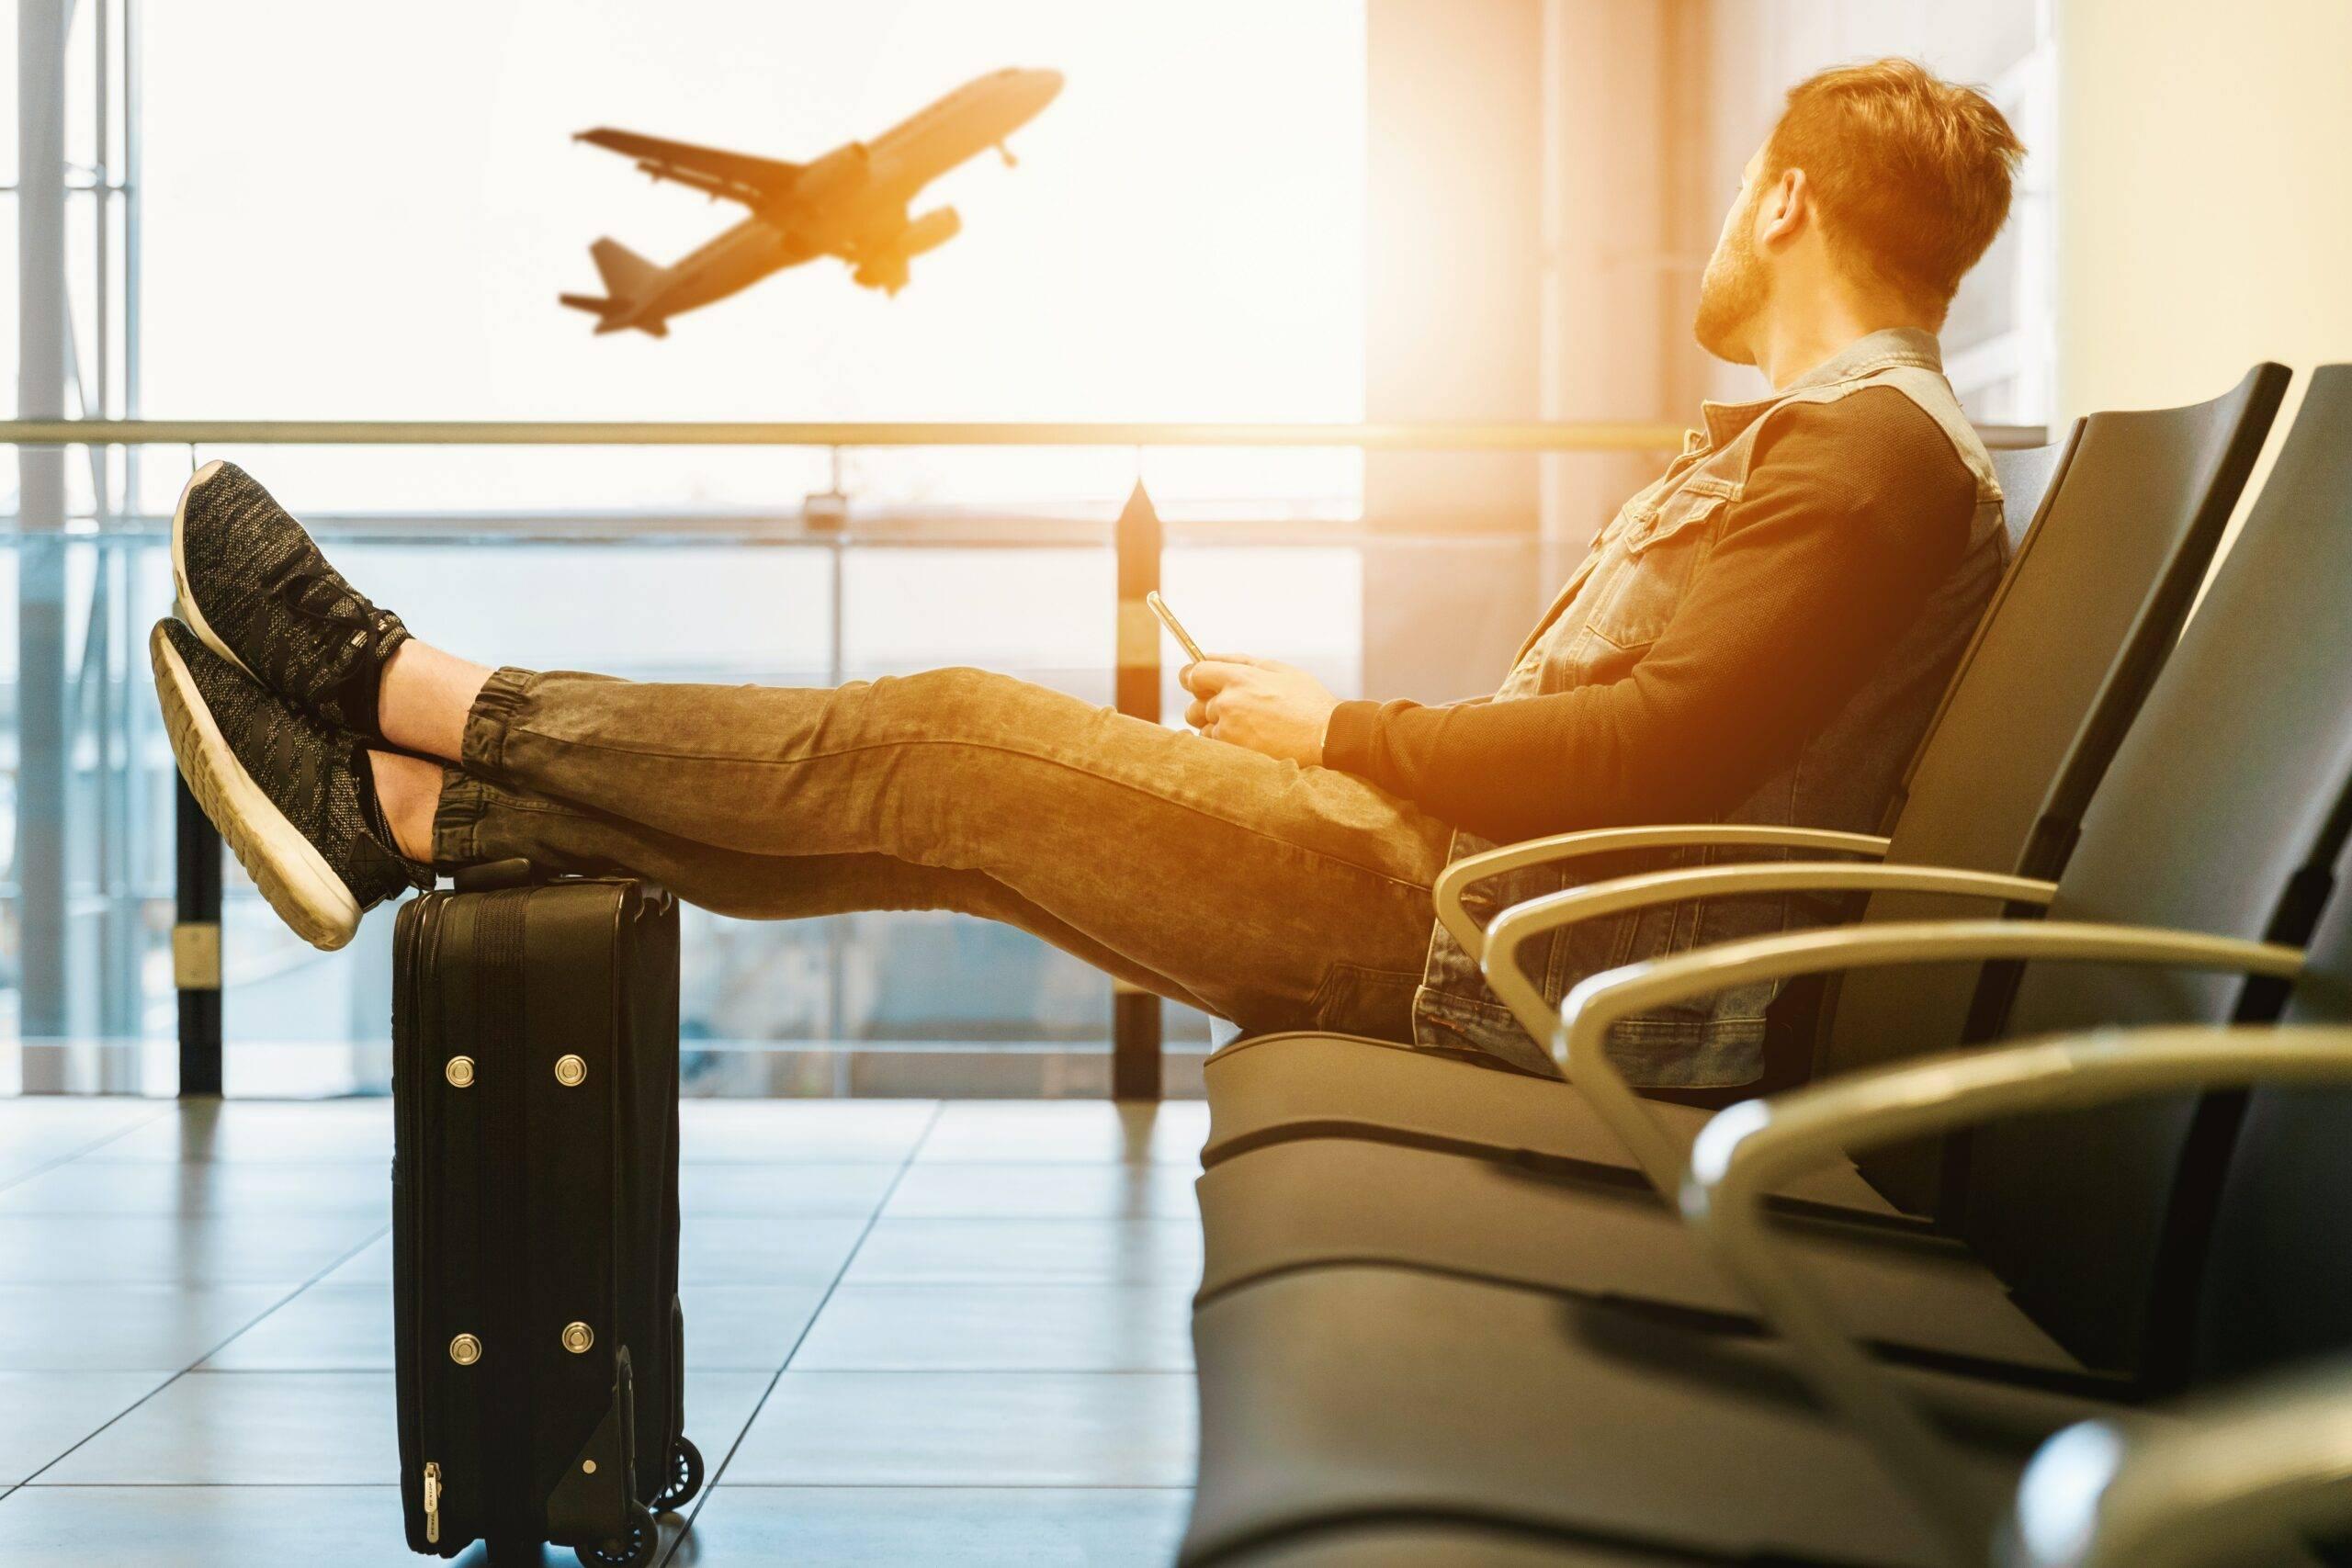 come cambierà il modo di viaggiare dopo il Covid